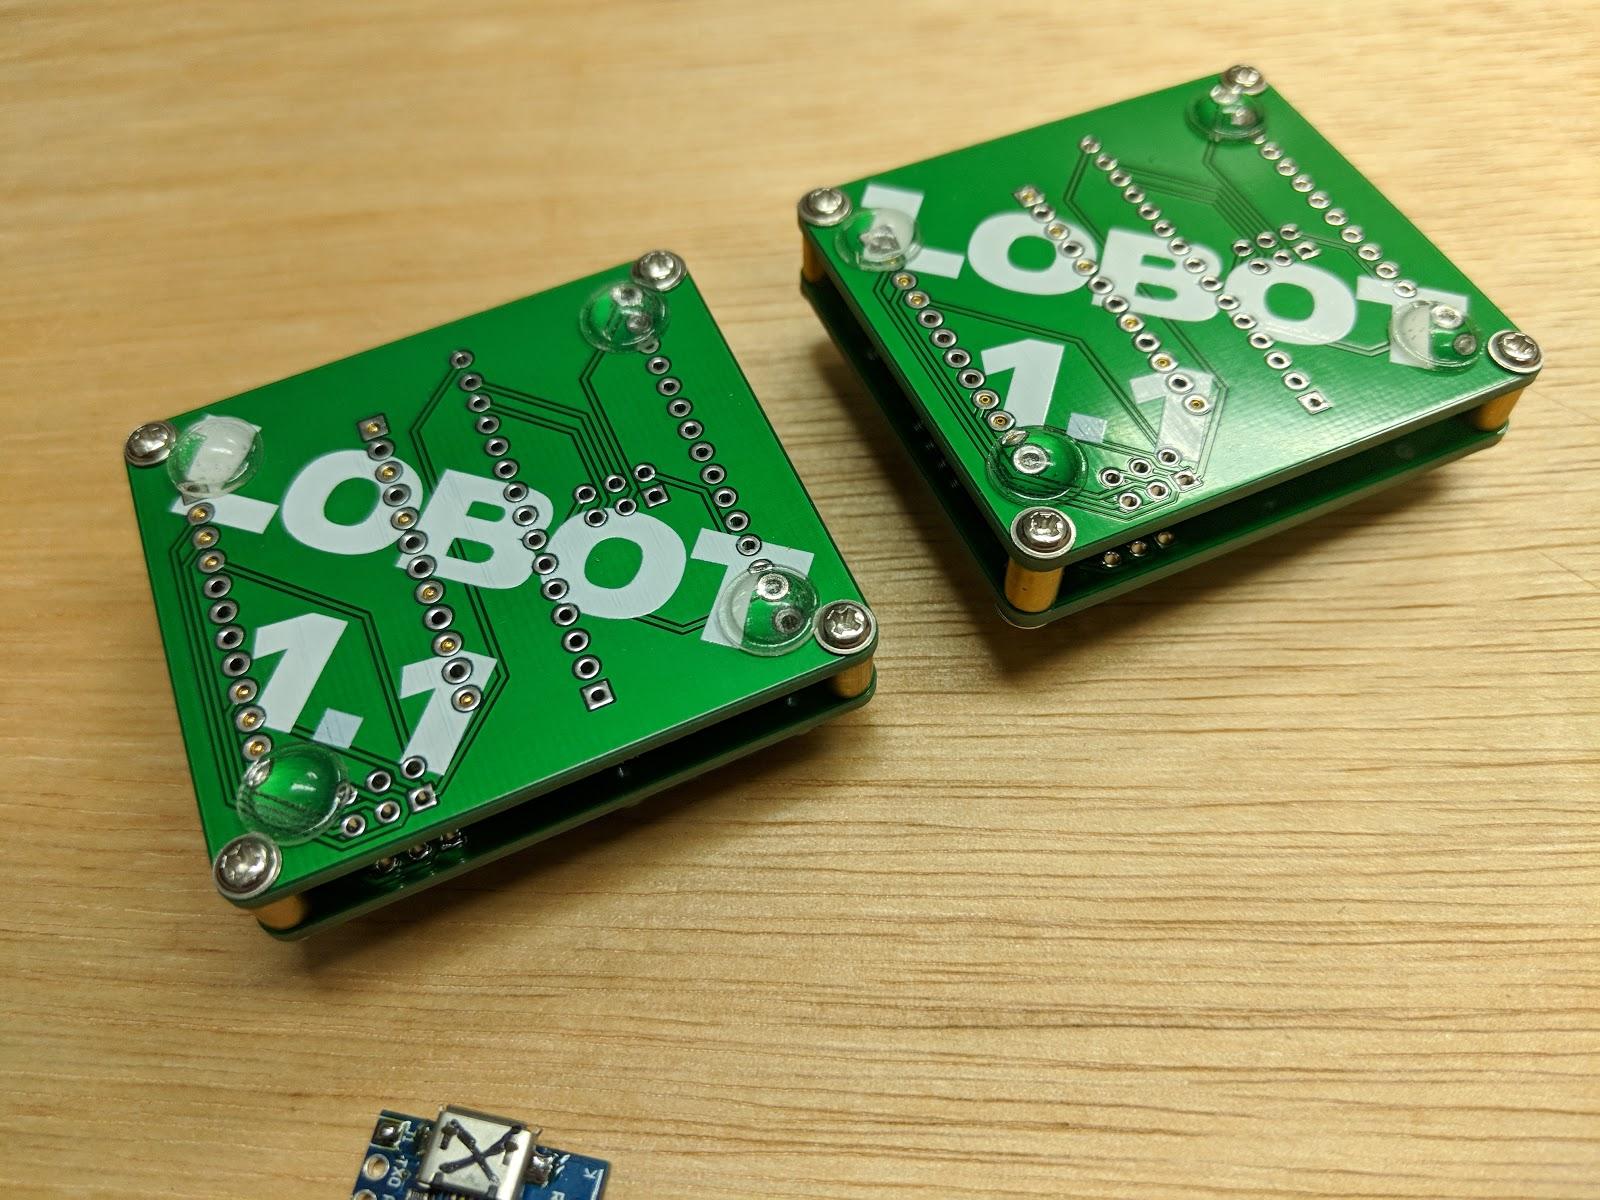 Lobot - 40% Keyboards